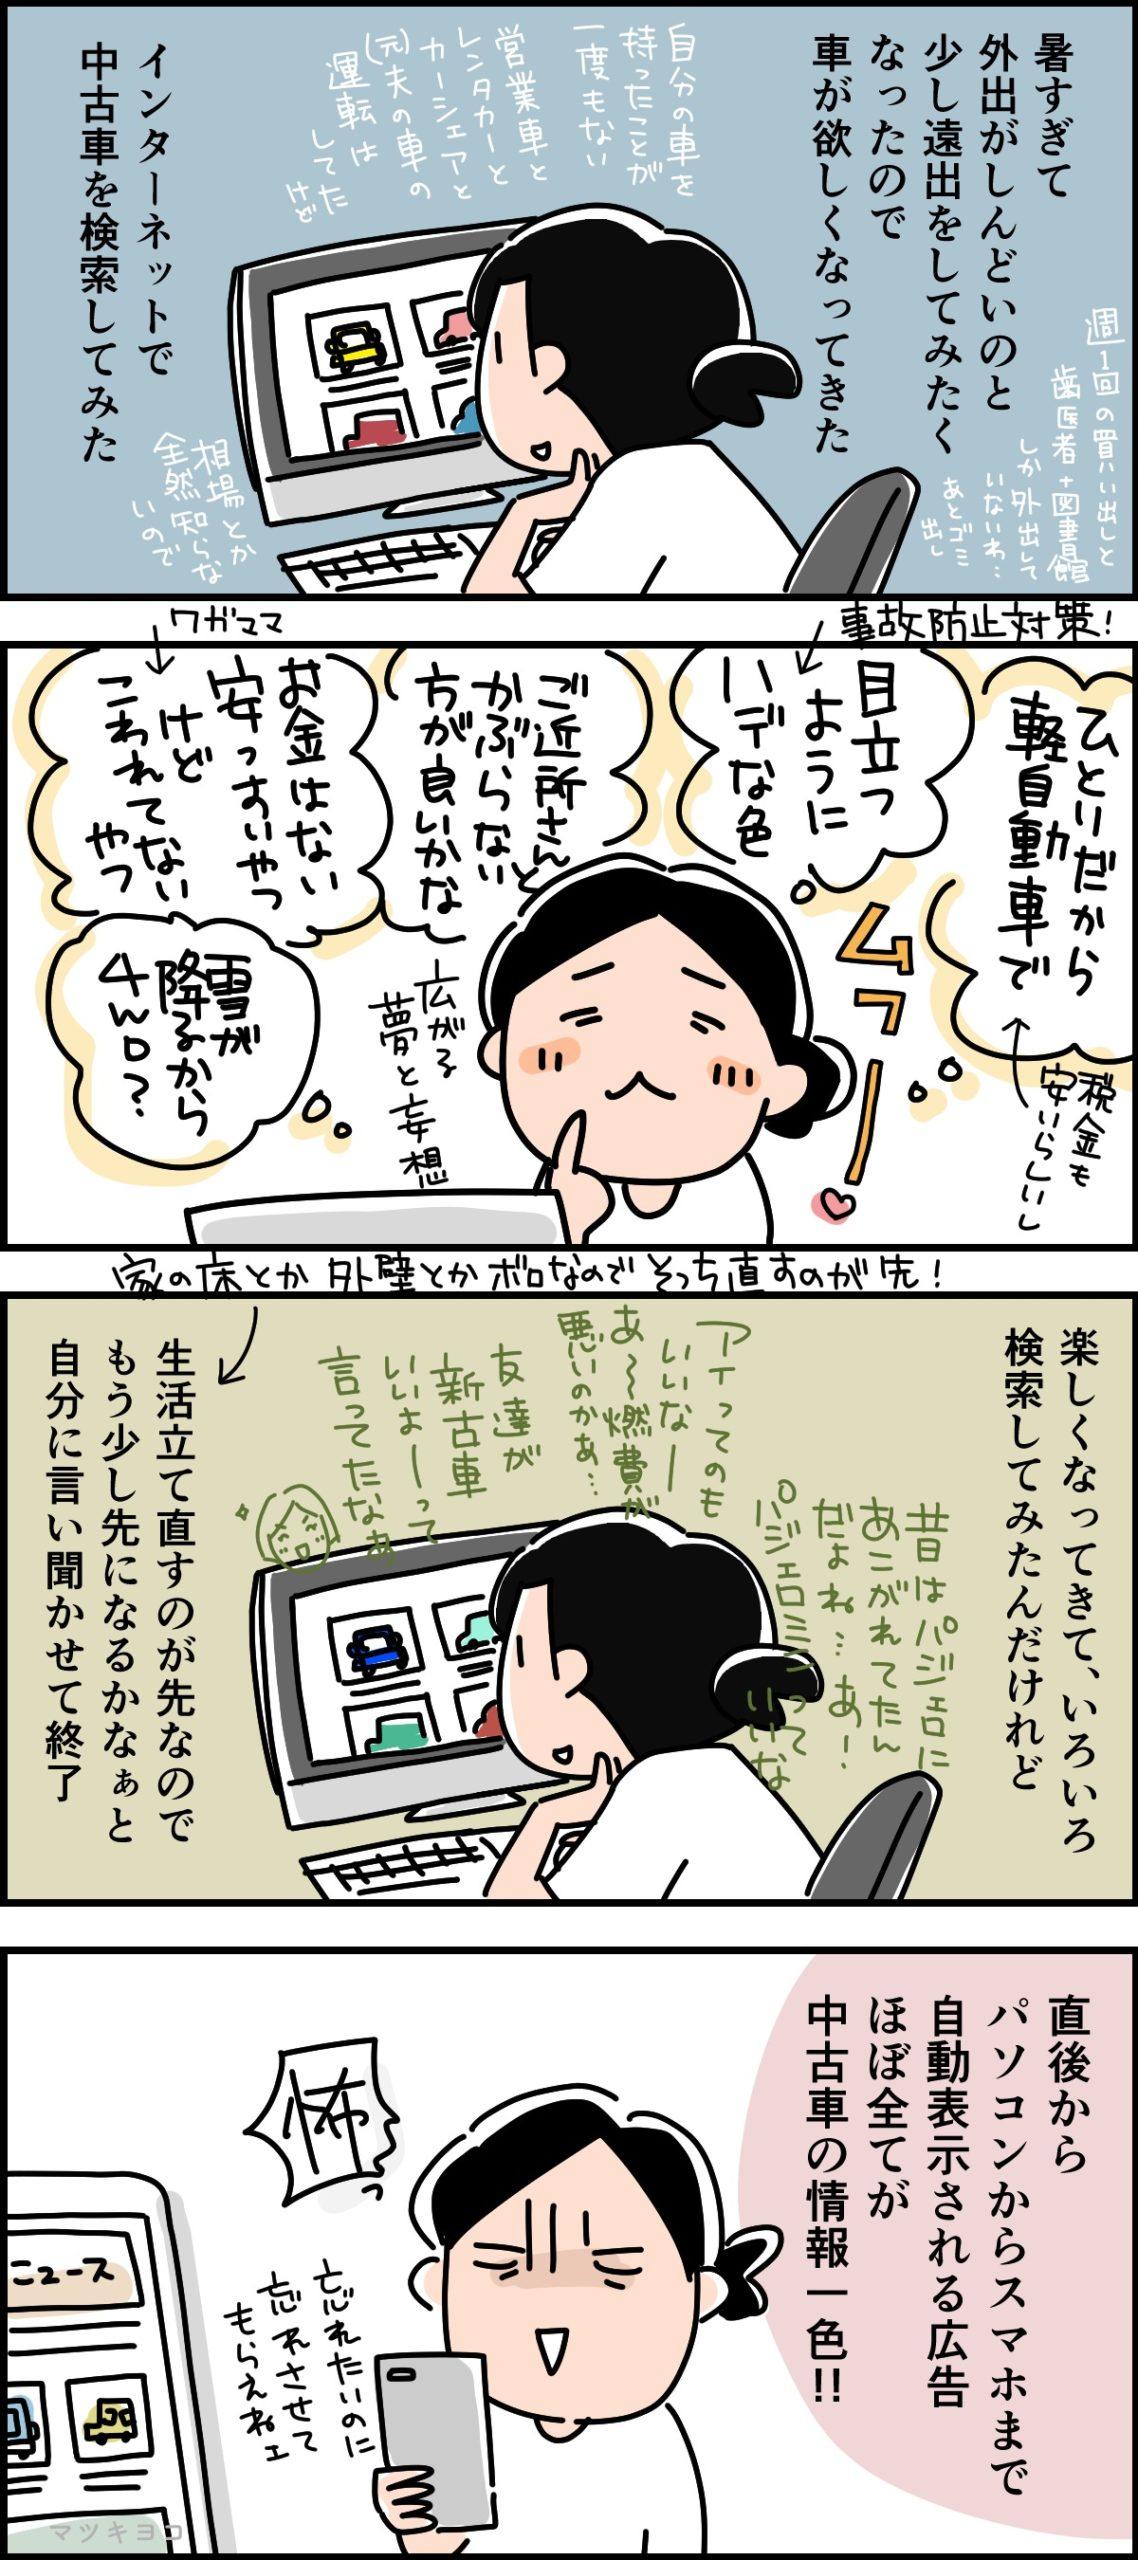 【マンガ】車が欲しい! (かもしれない)